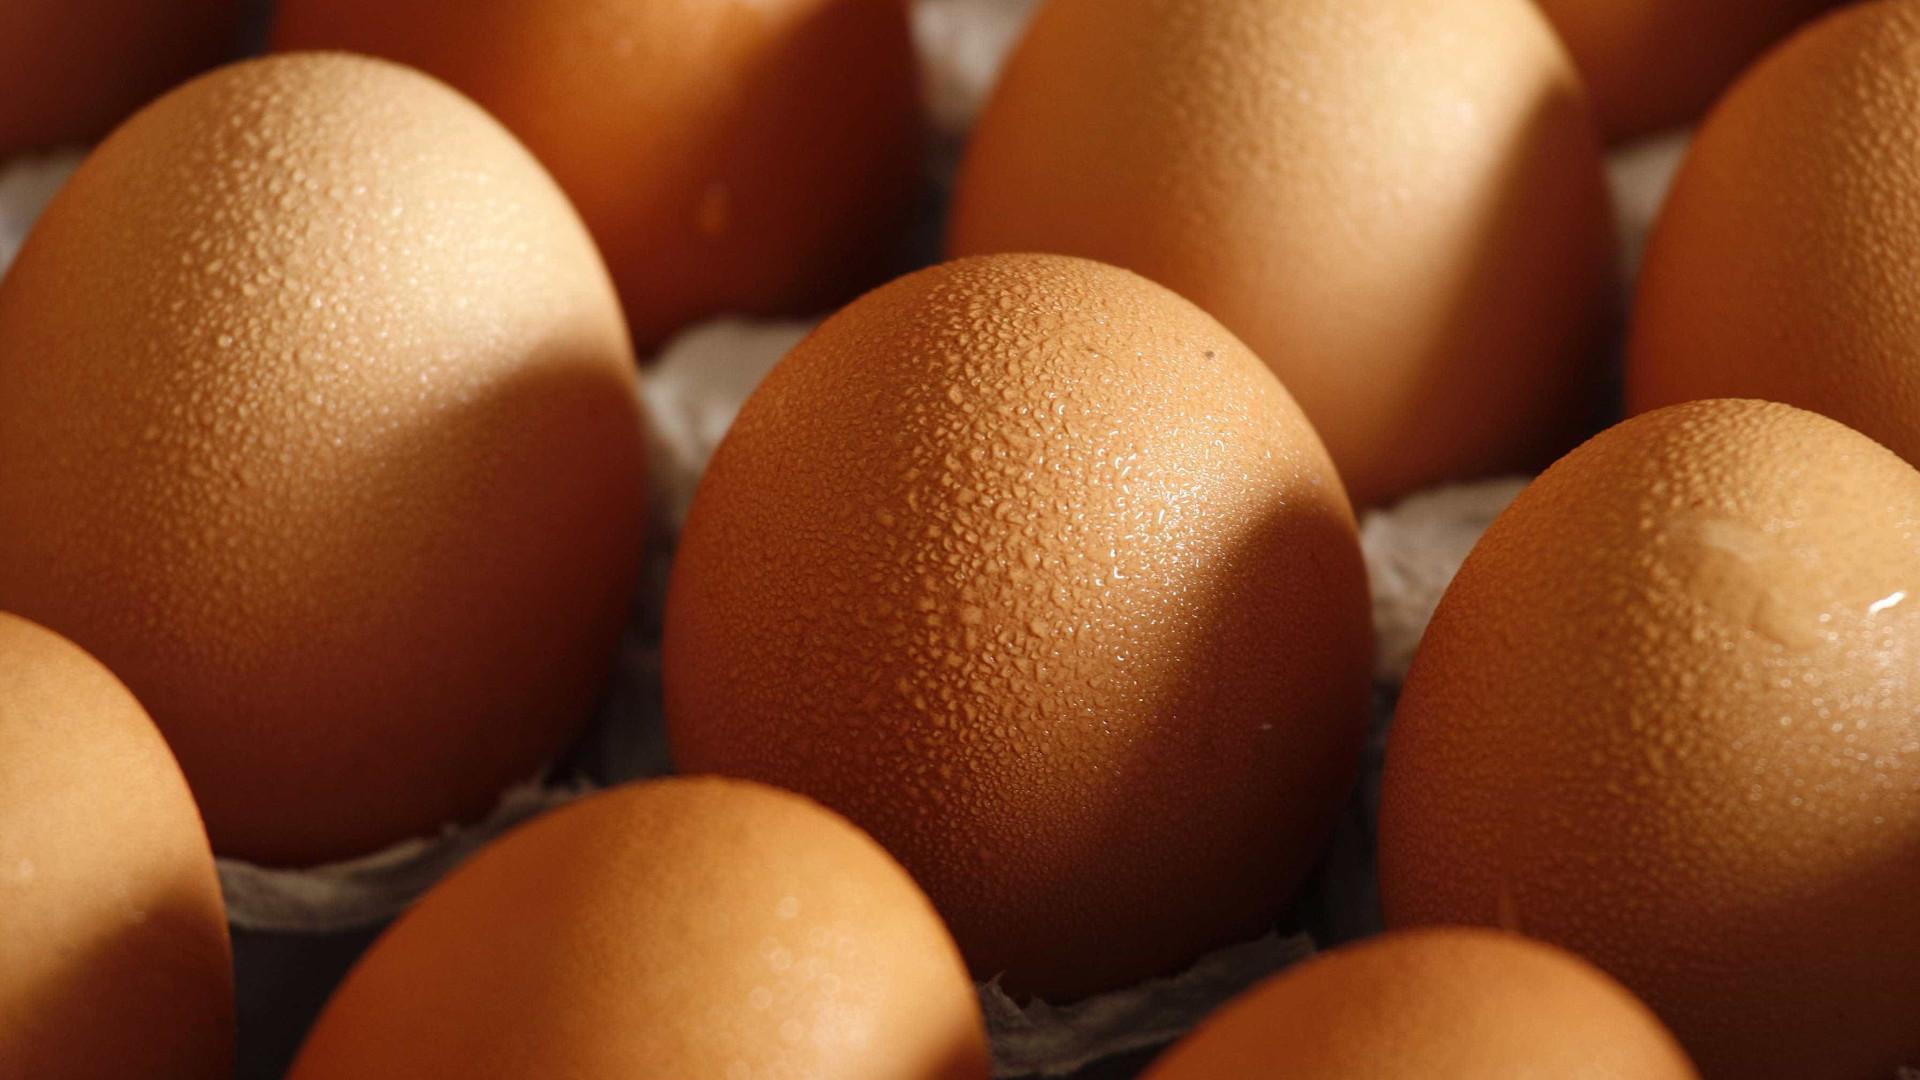 Hong Kong aumenta controlo de saúde após descoberta de ovos contaminados